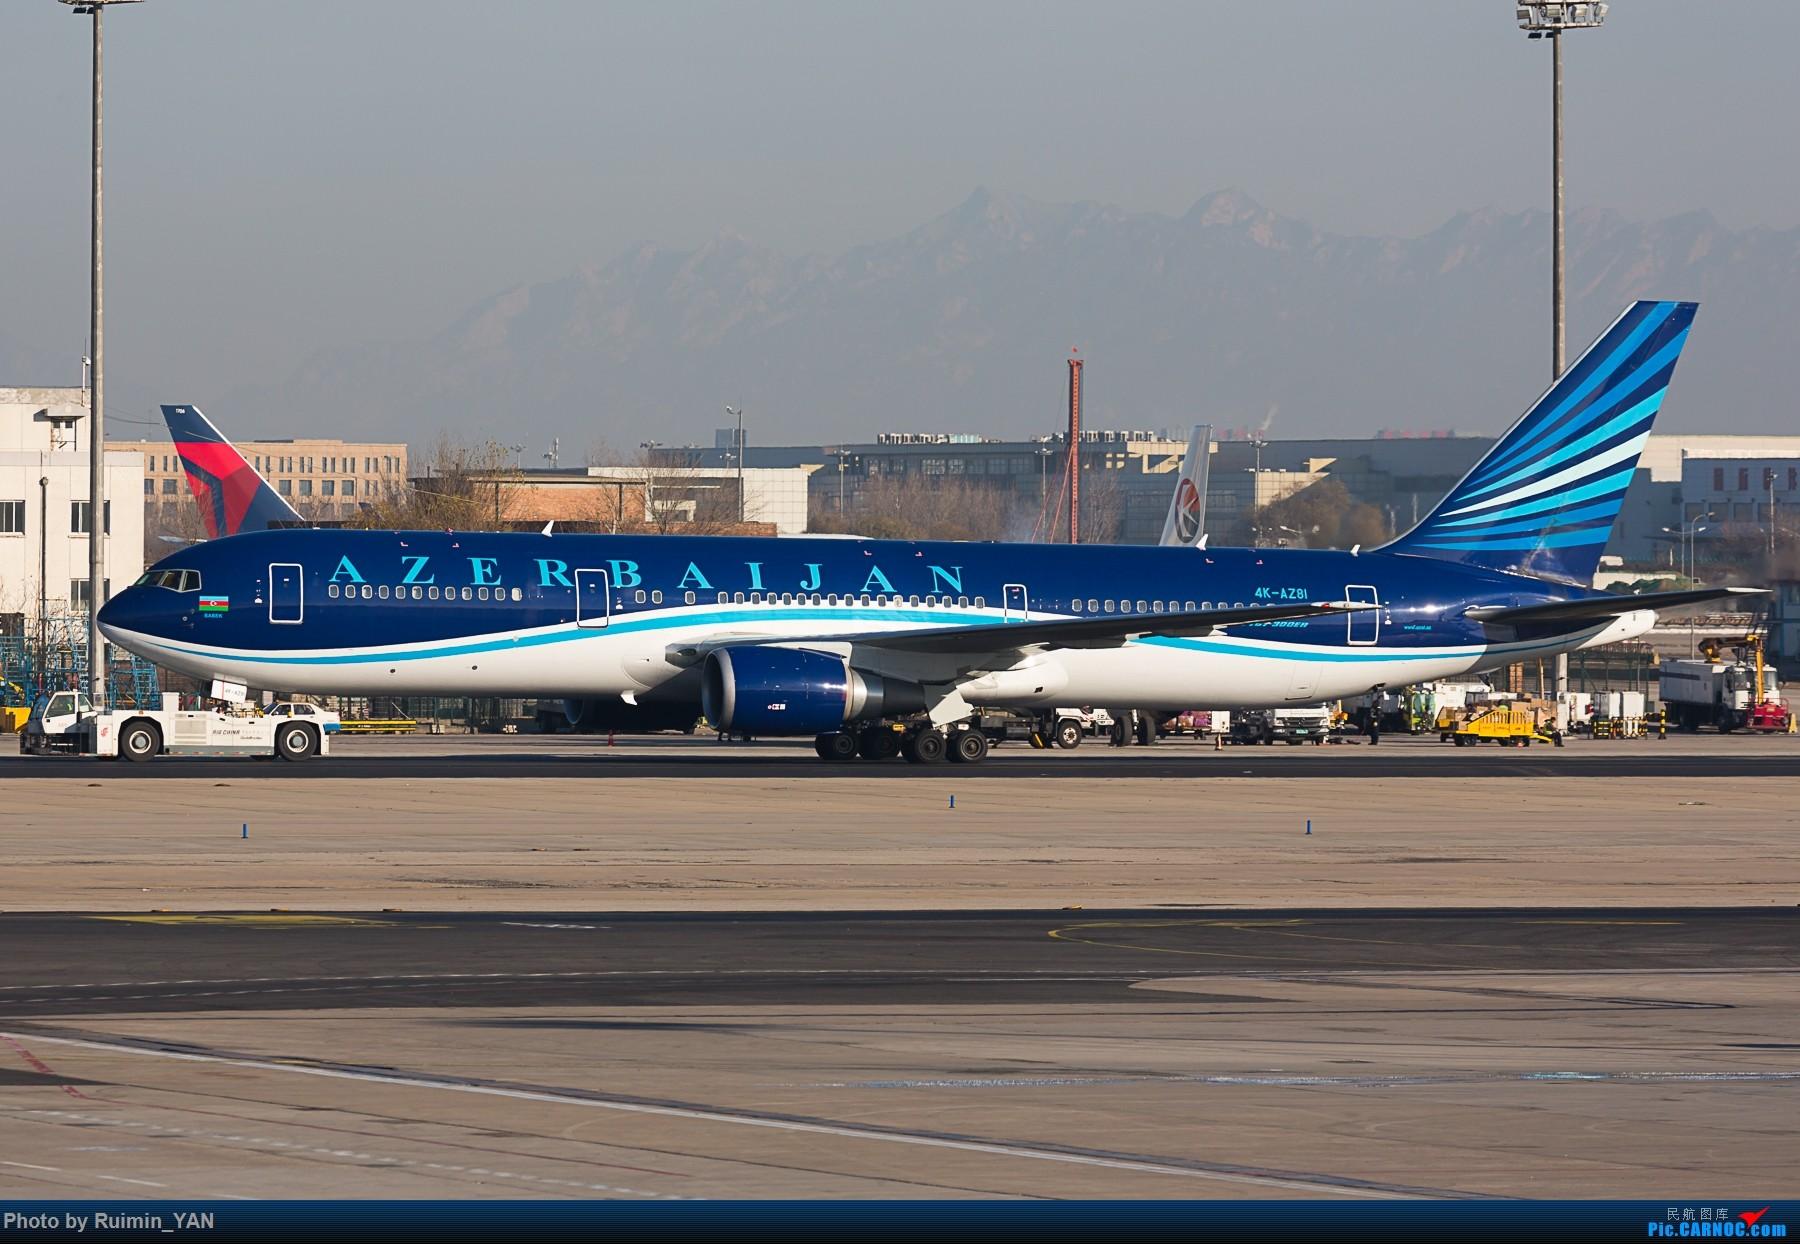 [原创]【PEK】阿塞拜疆(J2, Azerbaijan Airlines)B763 4K-AZ81/4K-AZ82 BOEING 767-300ER 4K-AZ81 中国北京首都国际机场